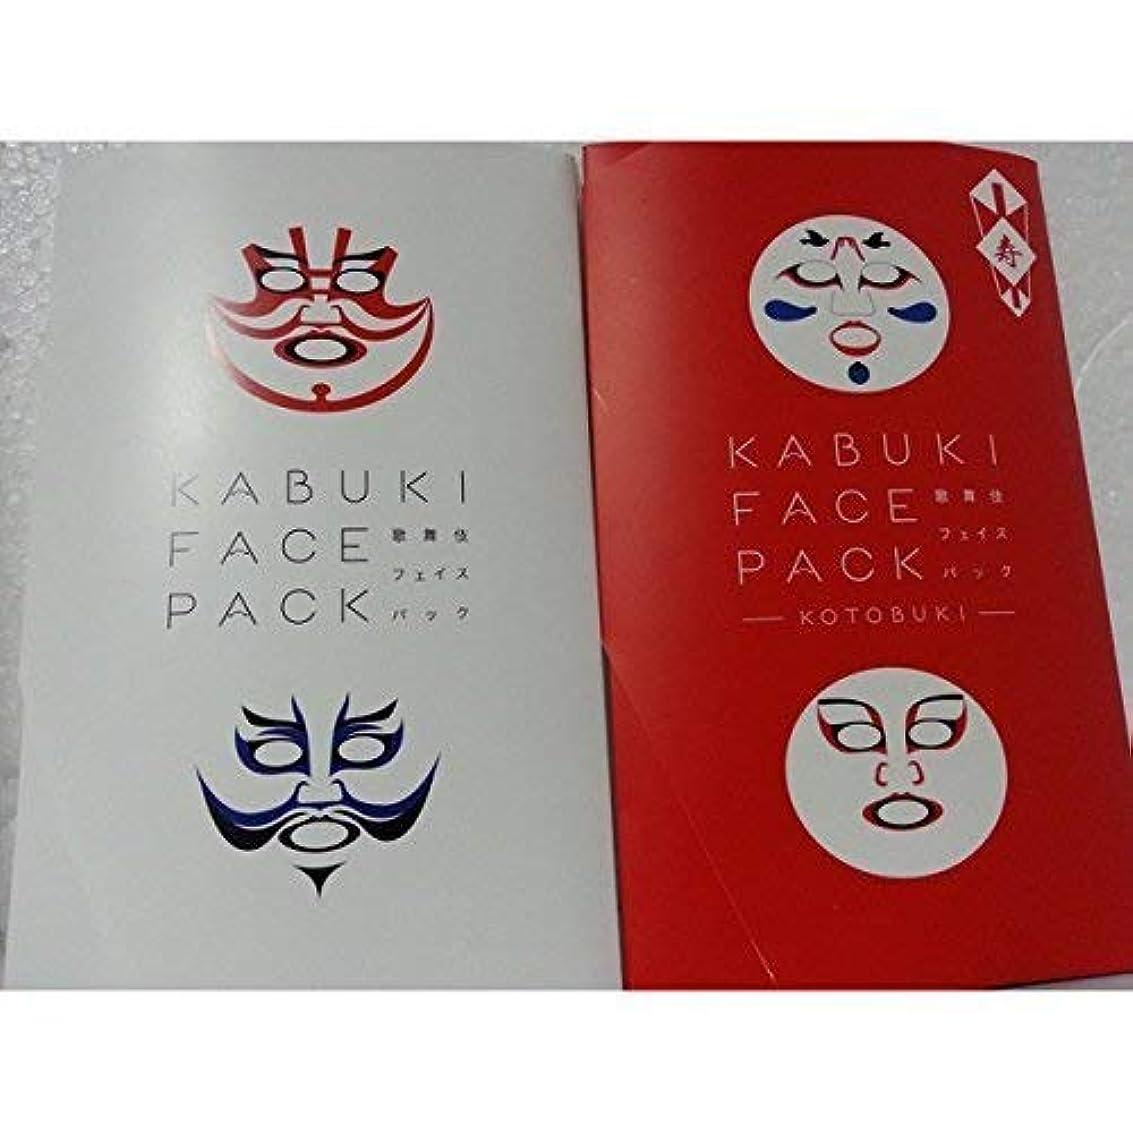 リビジョン展望台放散する歌舞伎フェイスパック&歌舞伎フェイスパック寿 KABUKI FACE PACK&KABUKI FACE PACK KOTOBUKI